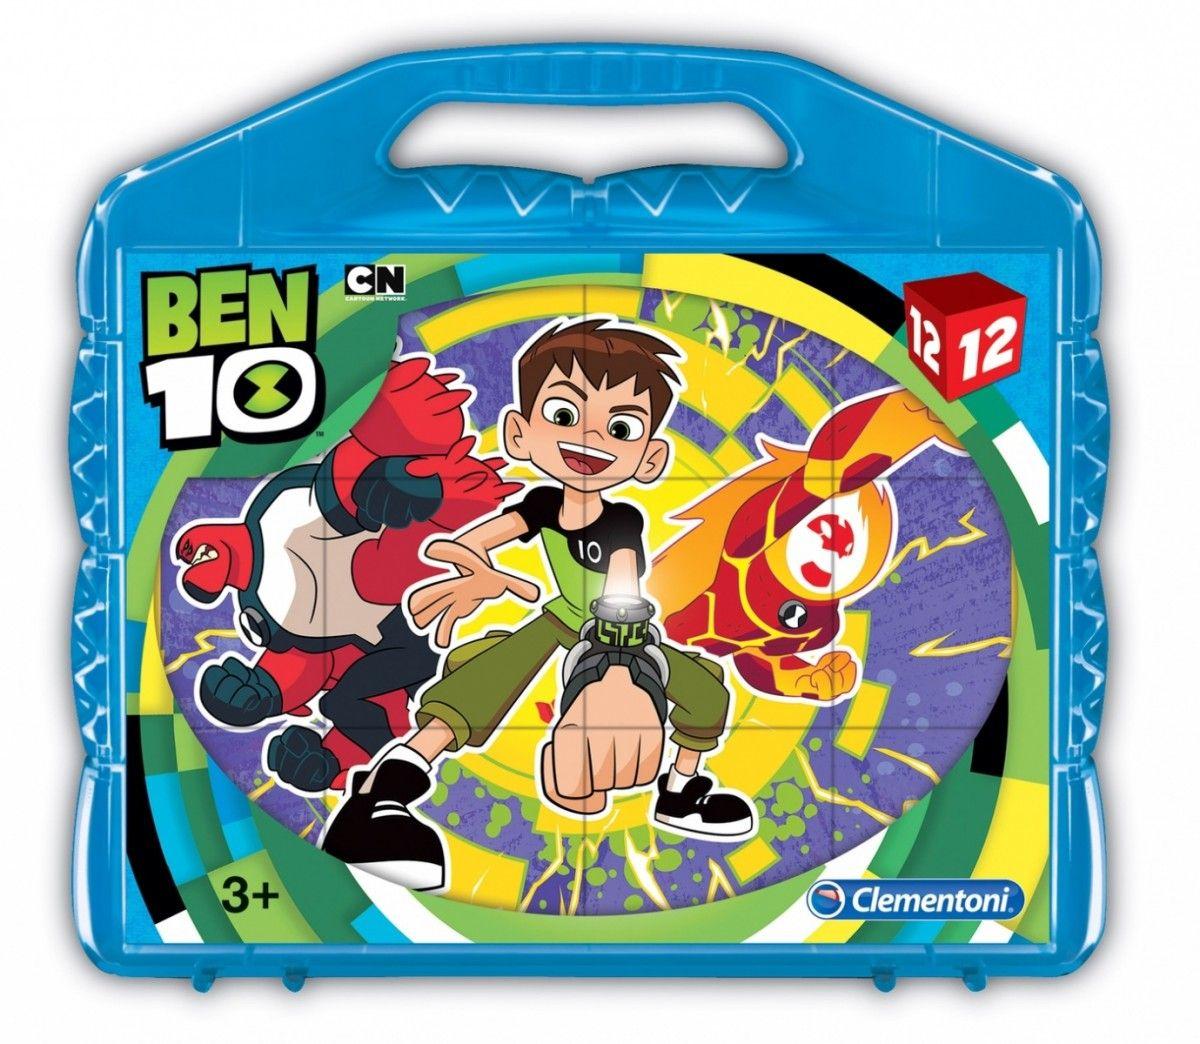 CLEMENTONI Dětské obrázkové kostky ( kubus ) - Ben 10 12 kostek v kufříku 41188